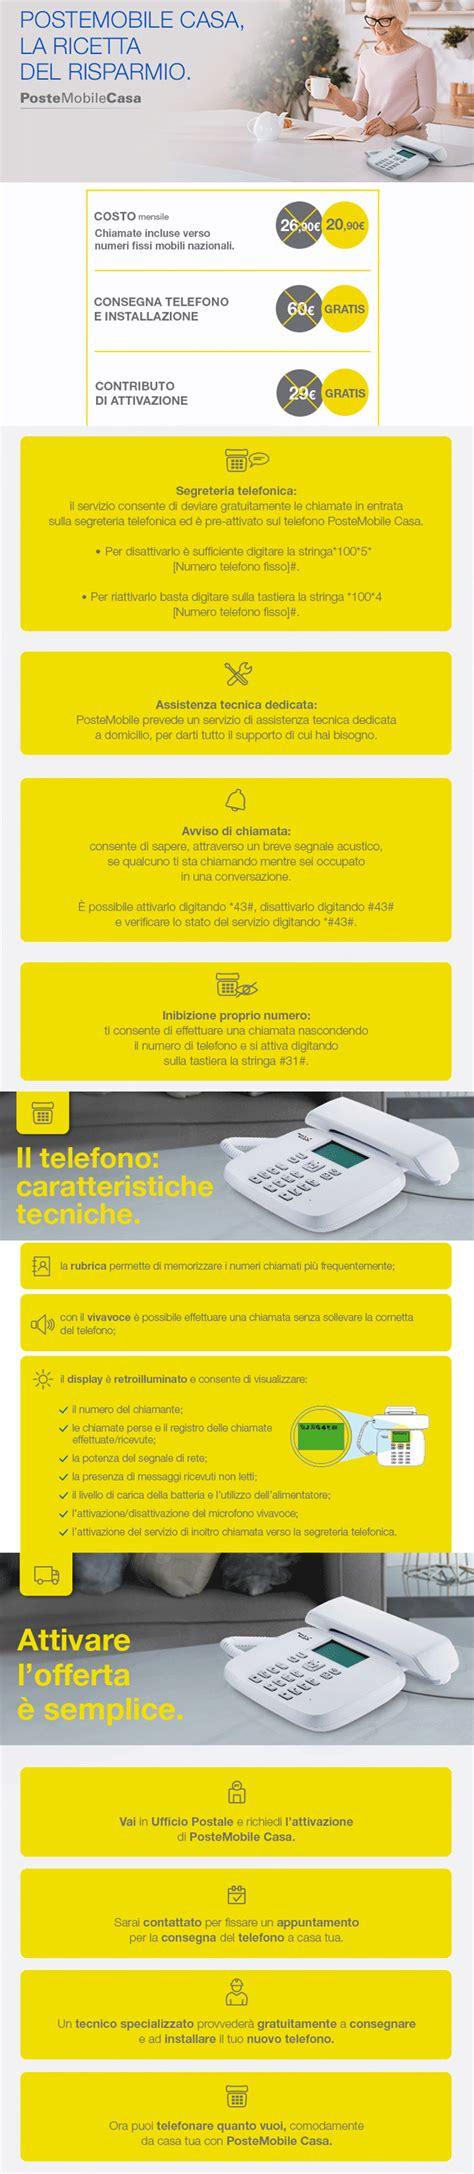 www poste mobili it postemobile casa servizio di telefonia fissa su rete